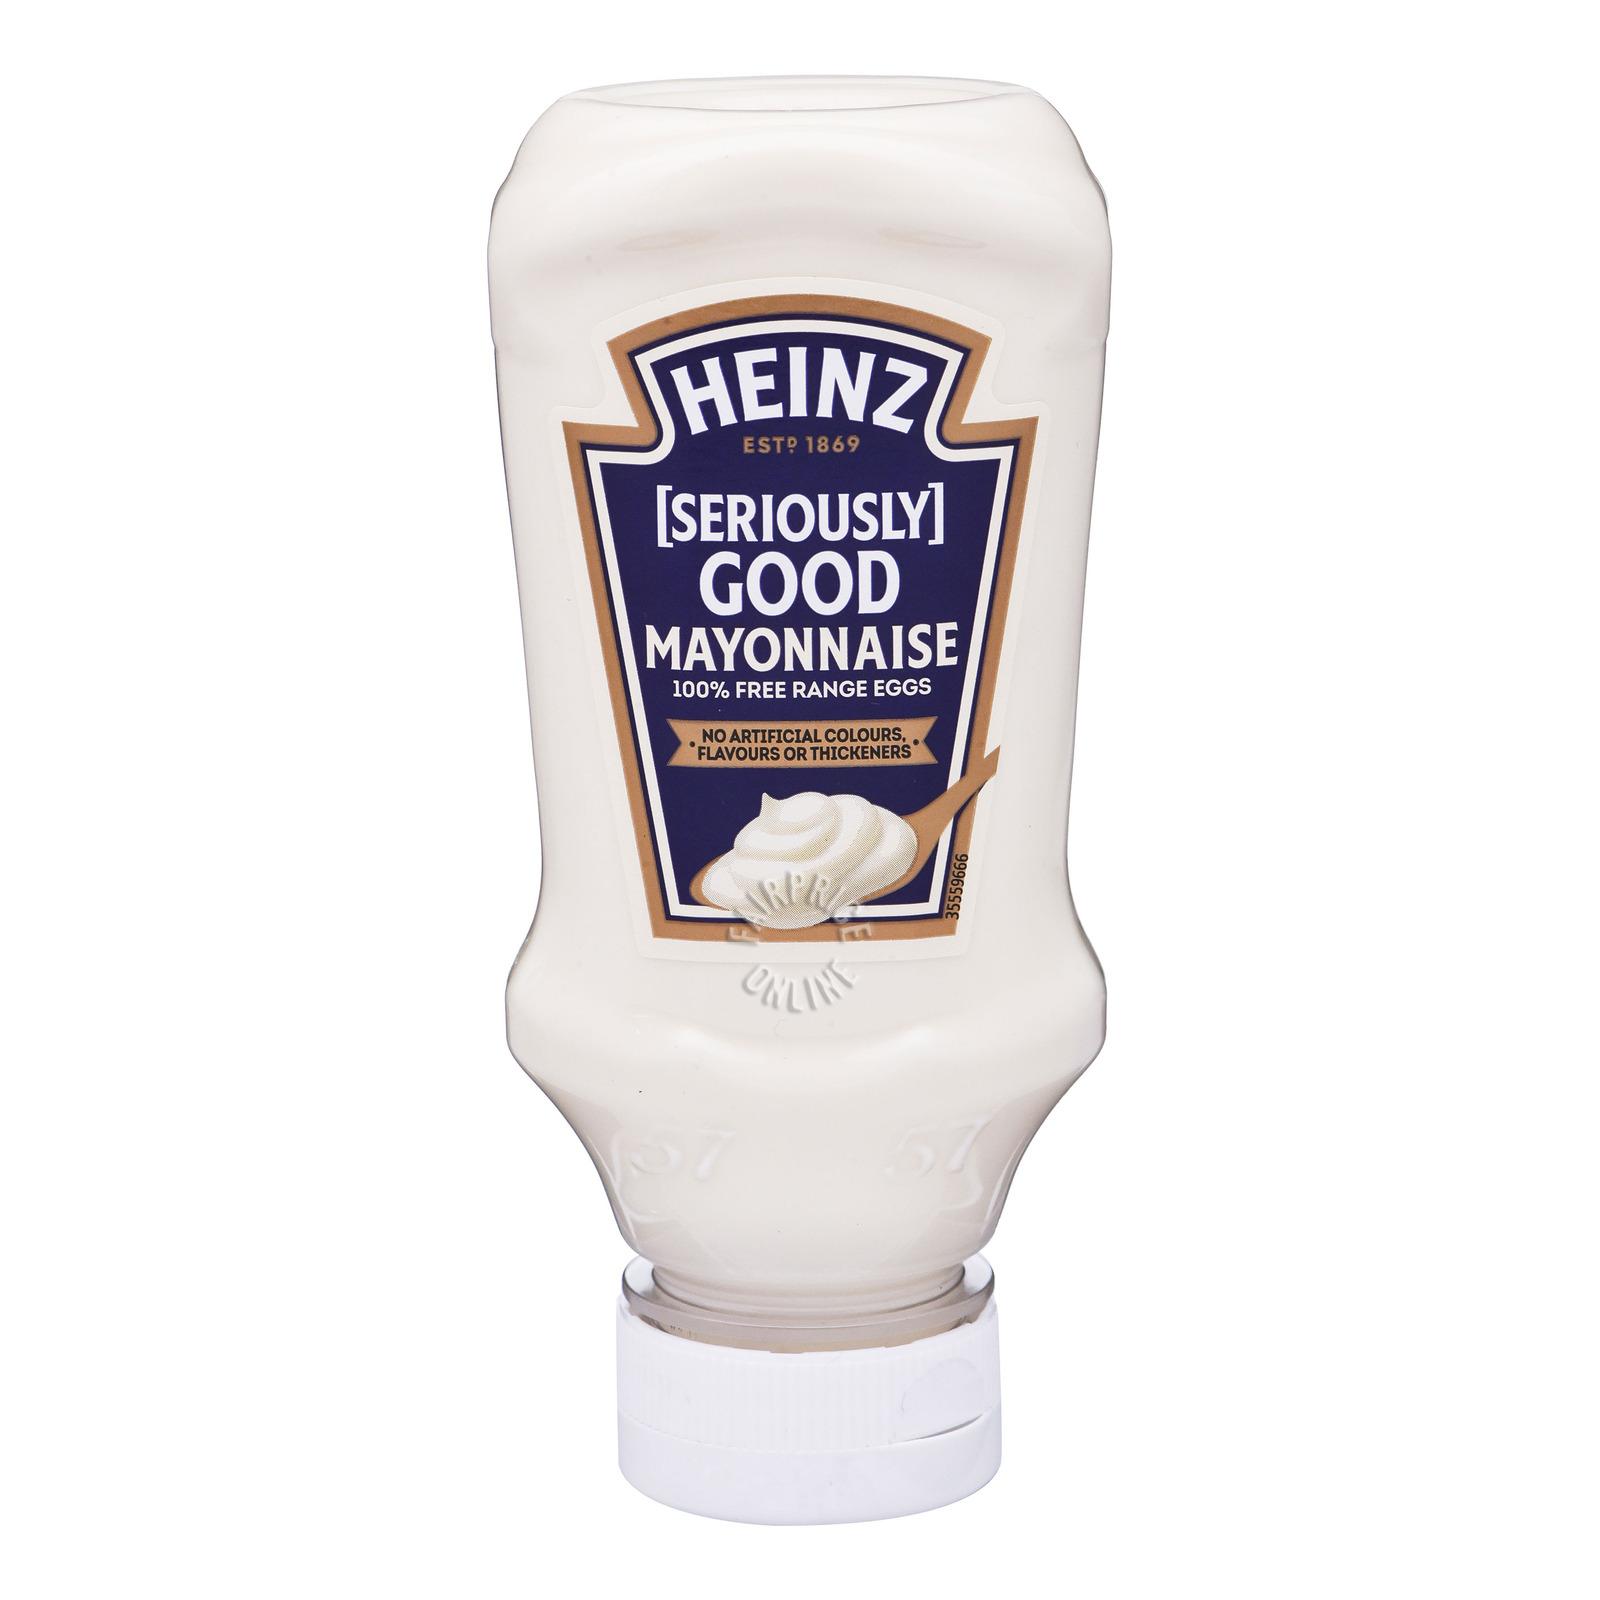 Heinz Mayonnaise - Seriously Good